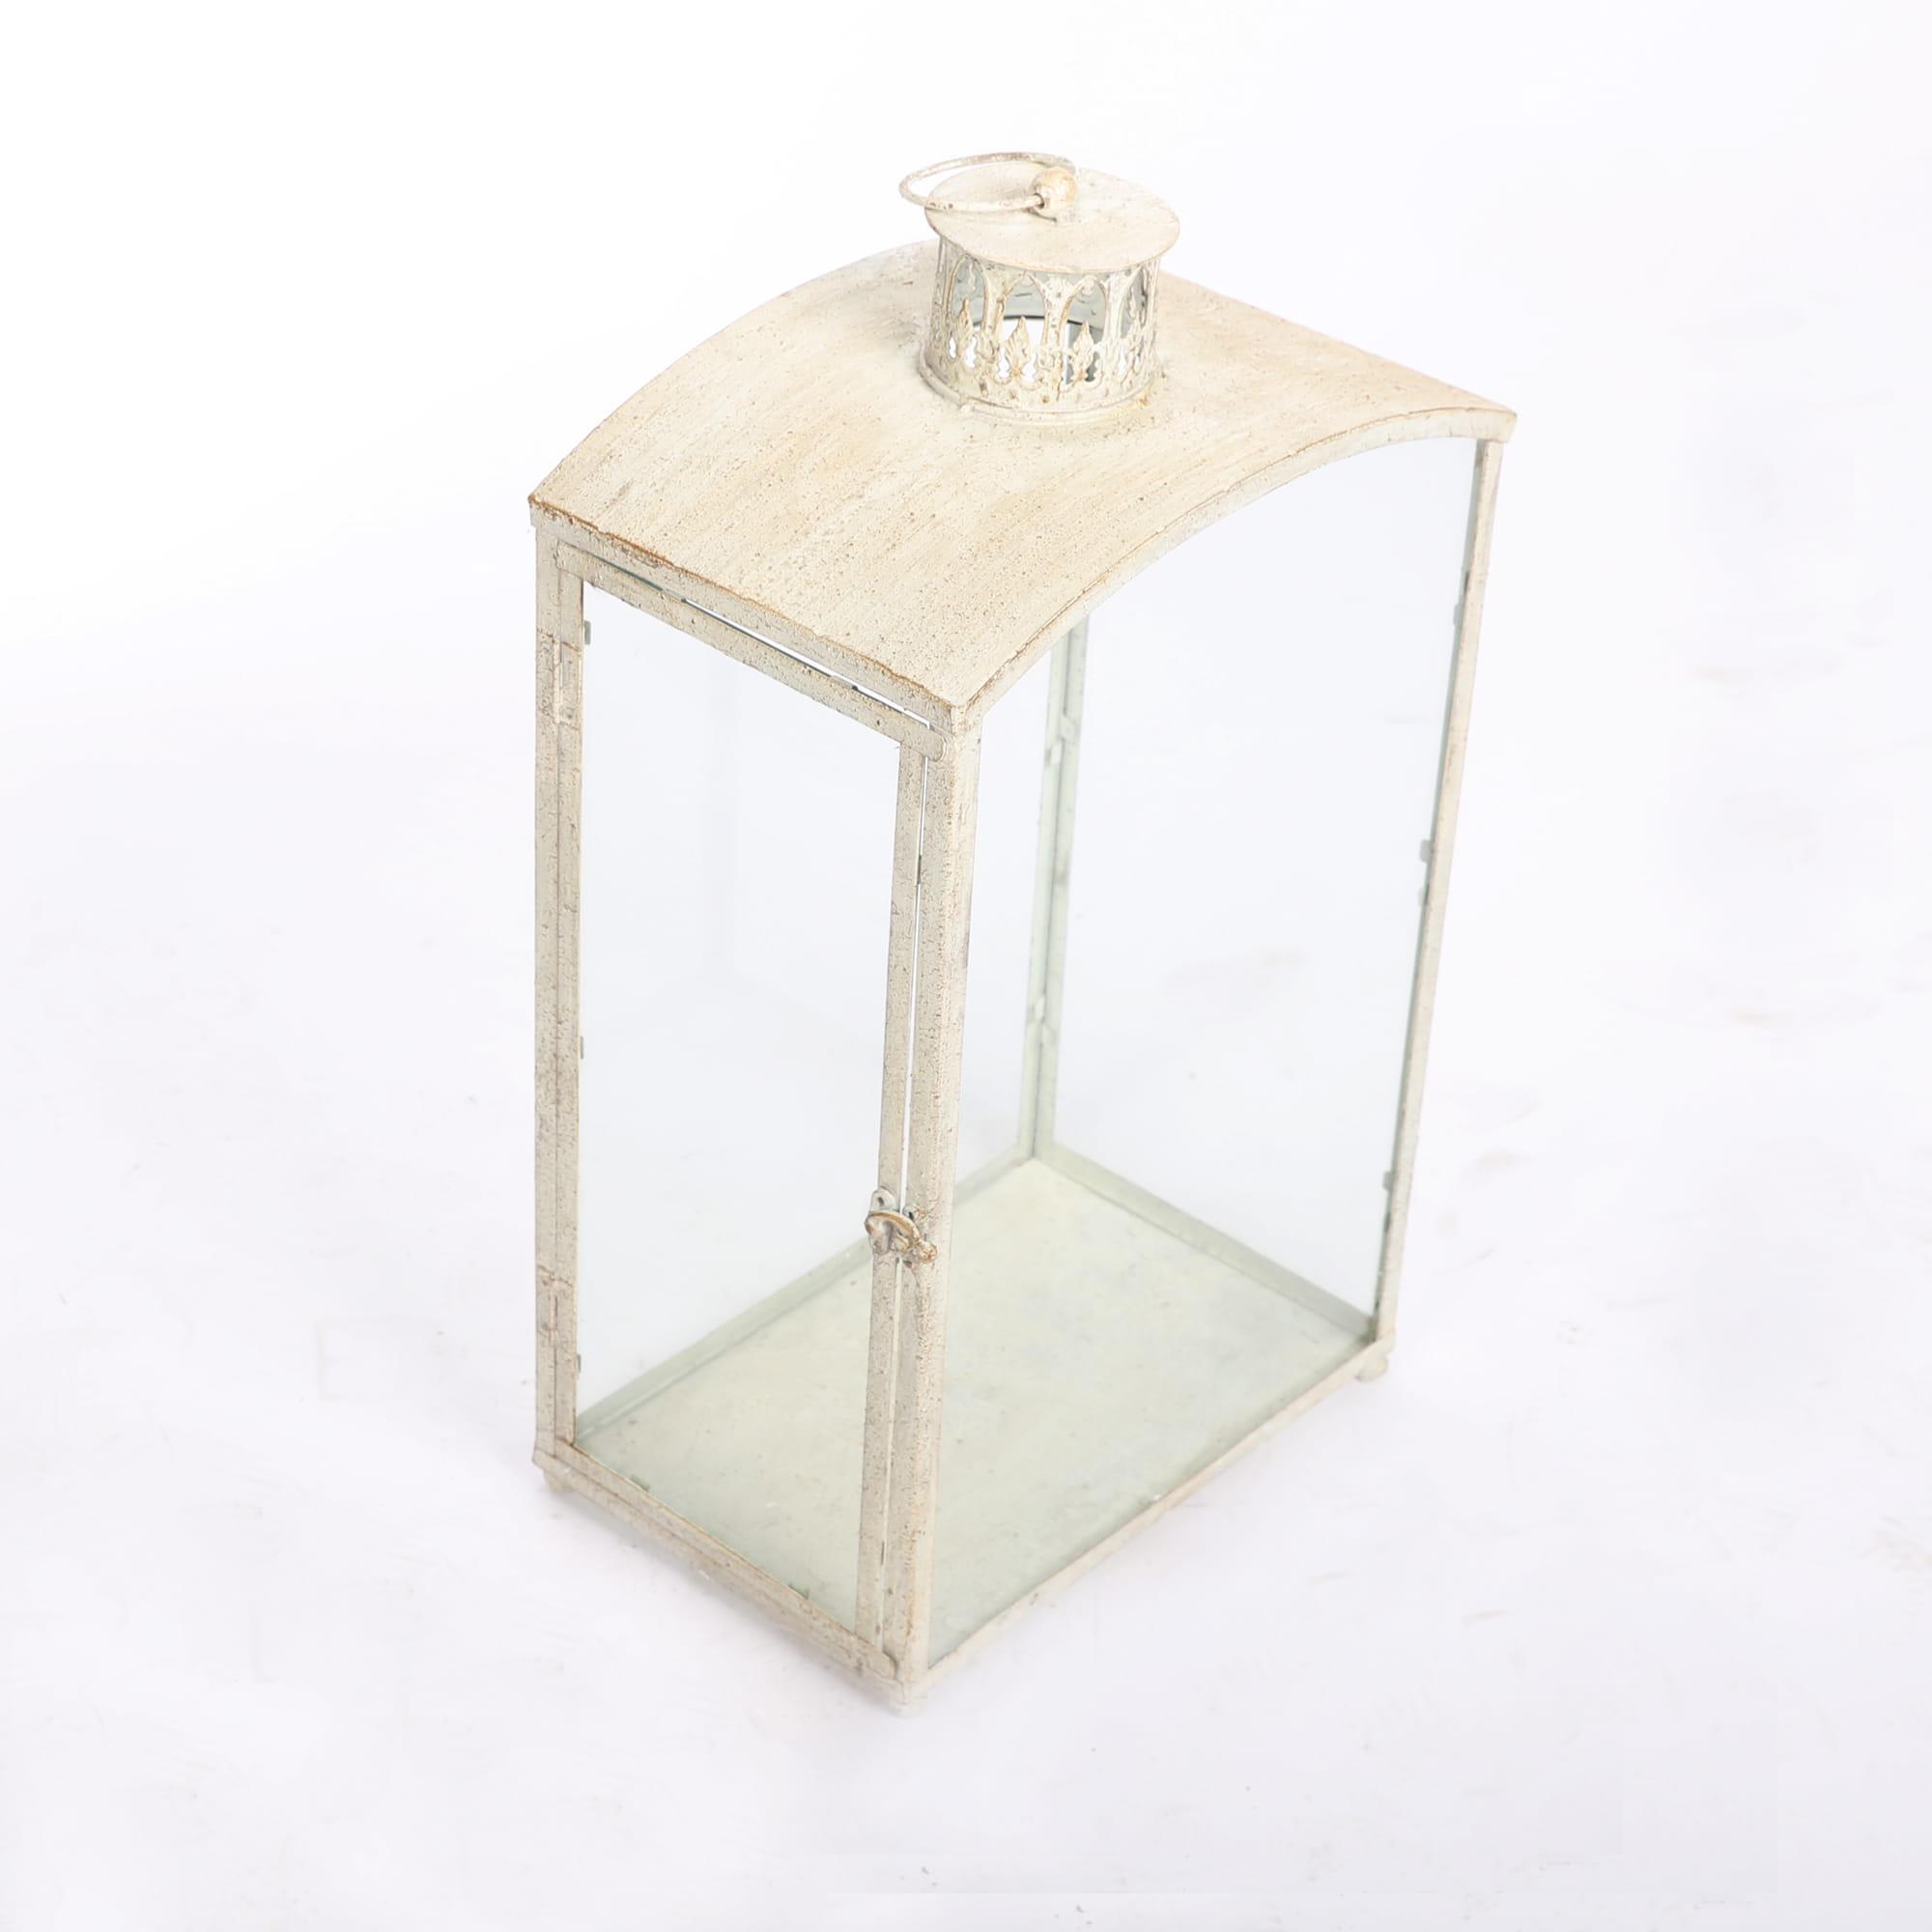 Biele Svietidlo Svietidlo Retro Chic Provence 36 cm